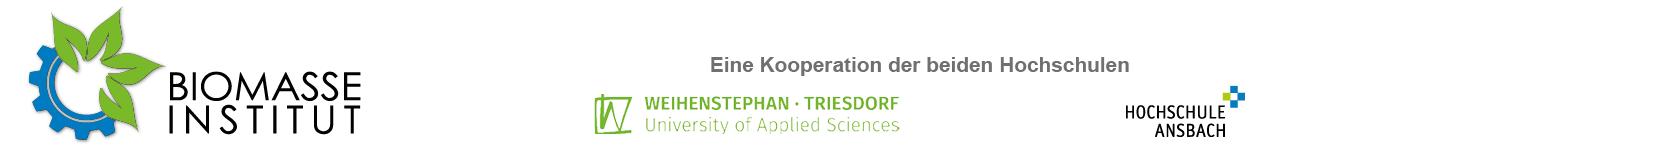 Biomasse-Institut Triesdorf-Ansbach